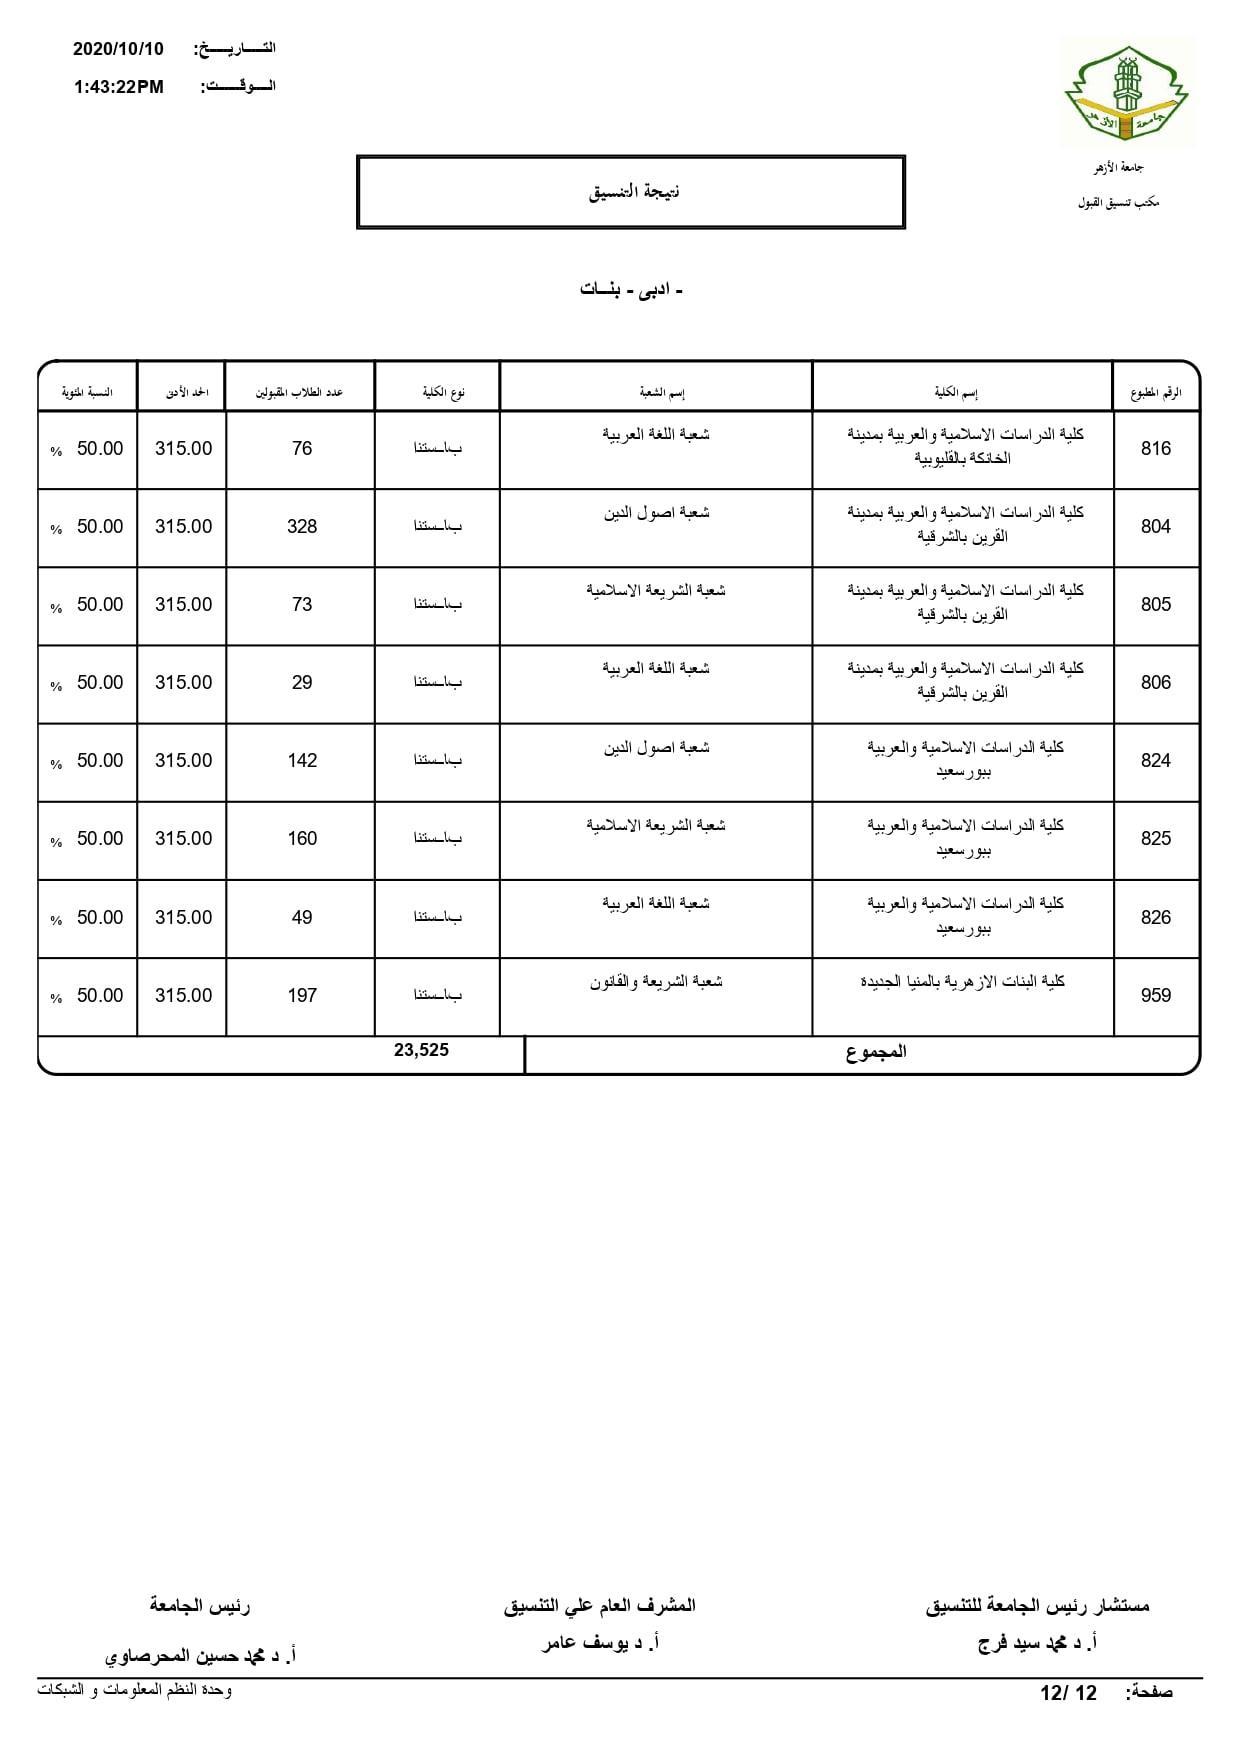 نتيجة تنسيق كليات جامعة الأزهر لعام 2020 بالكامل 20201010202745067